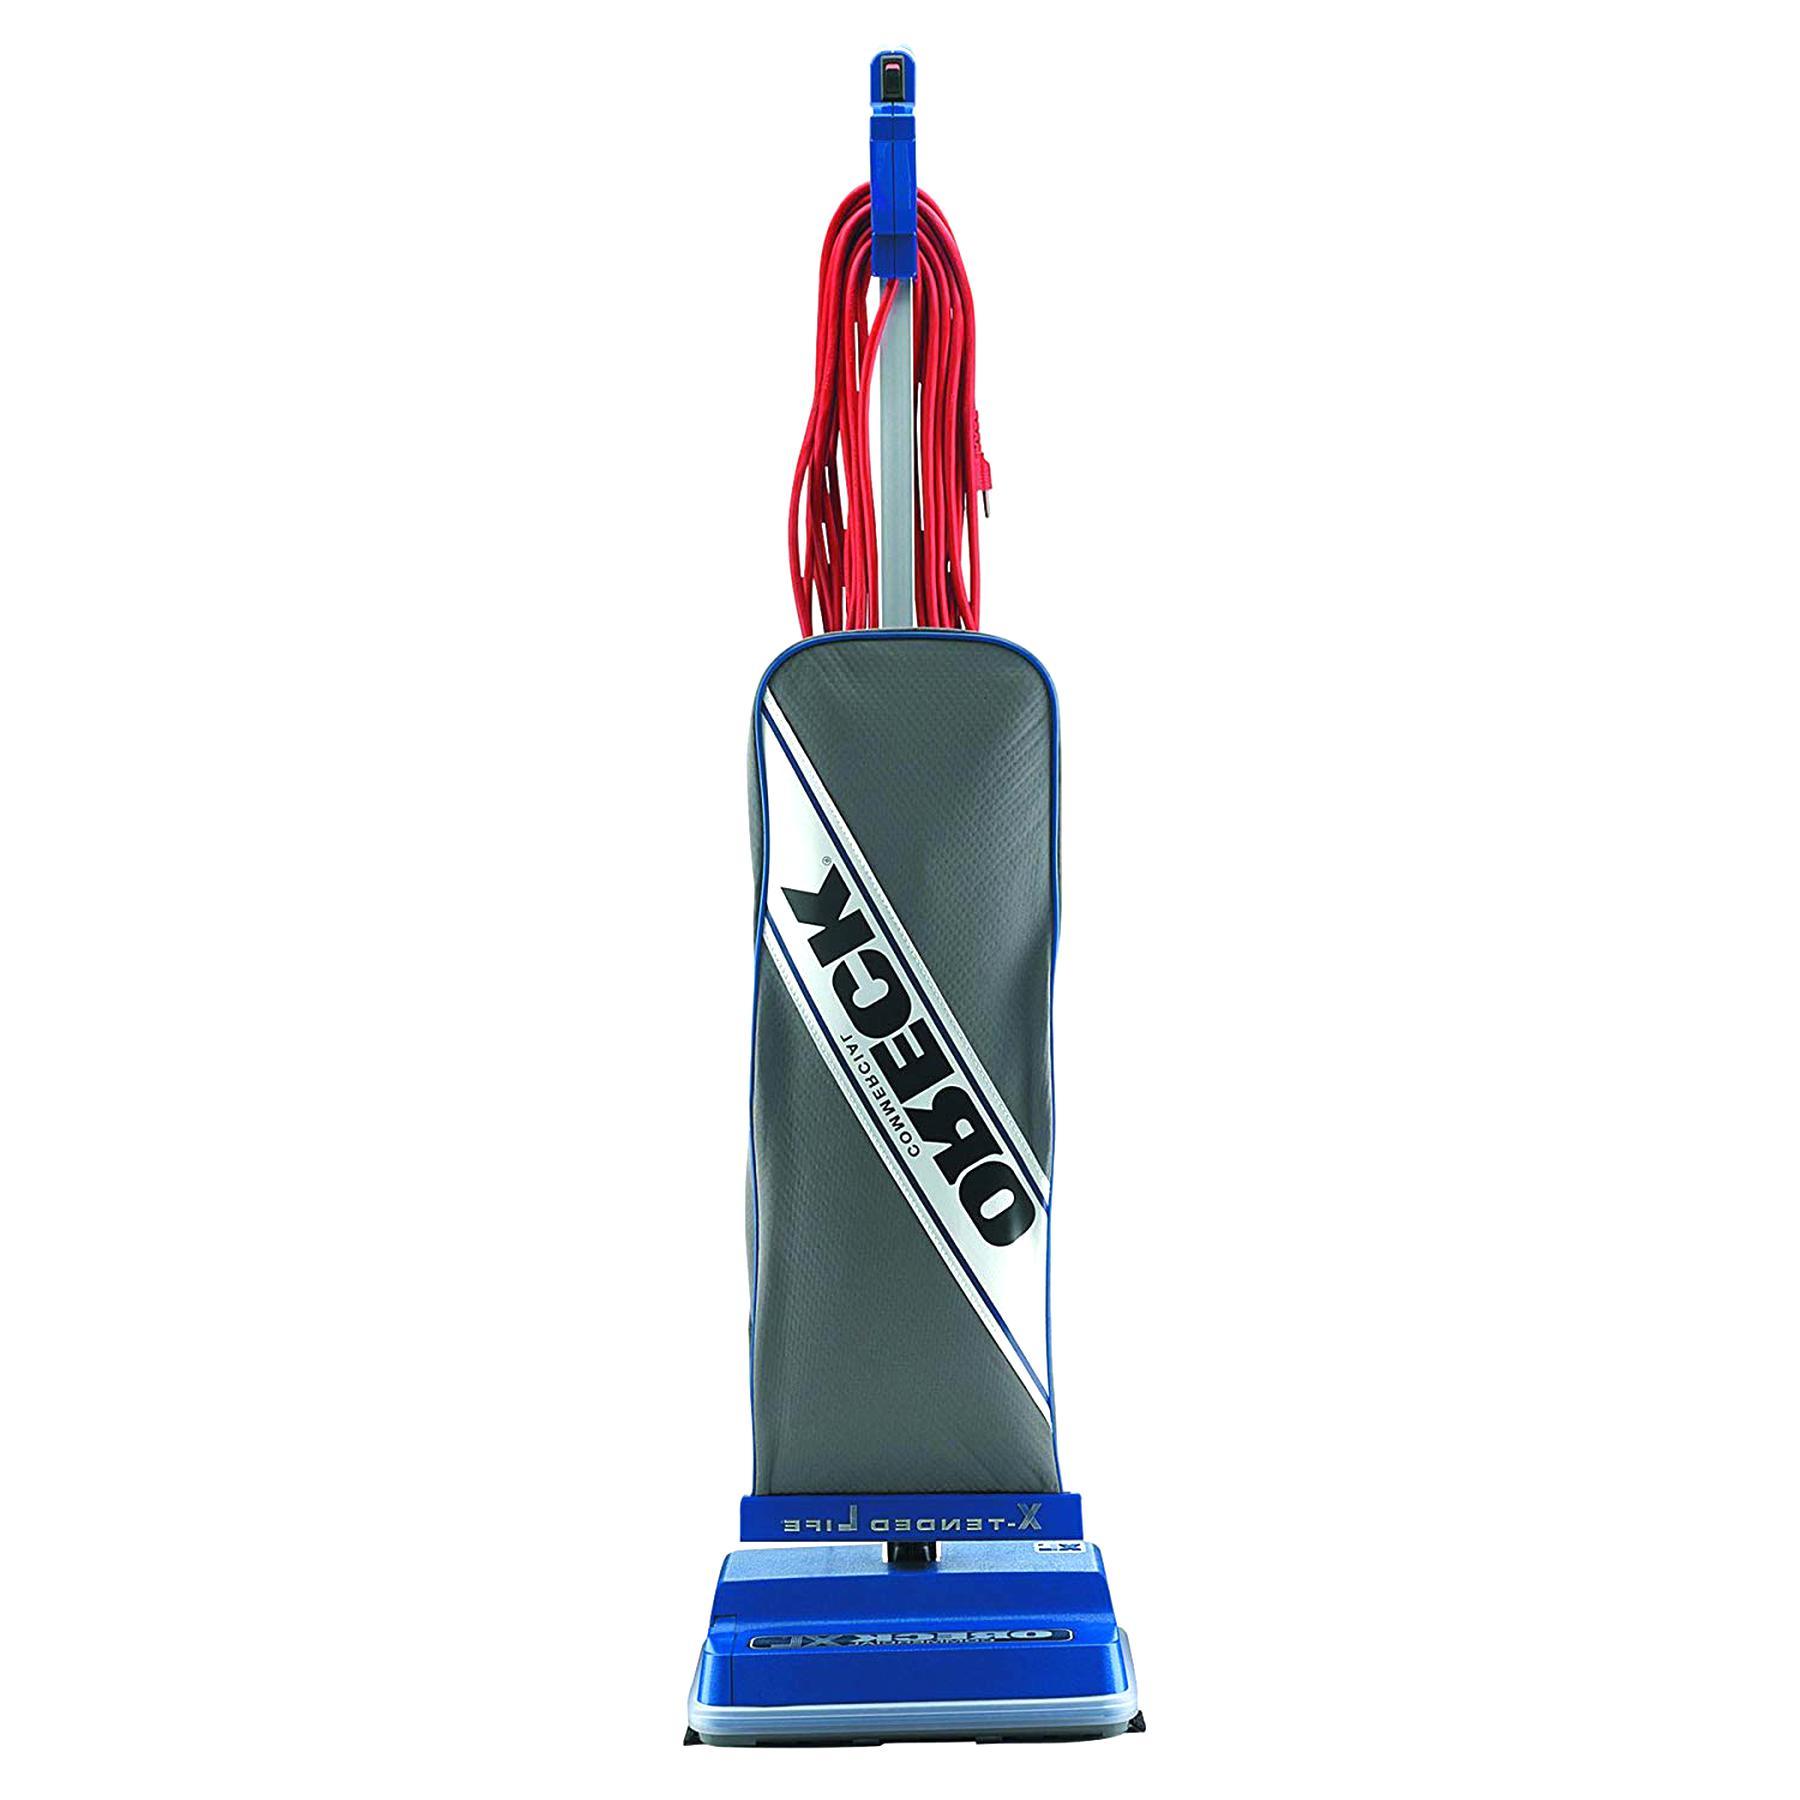 oreck vacuum cleaner for sale